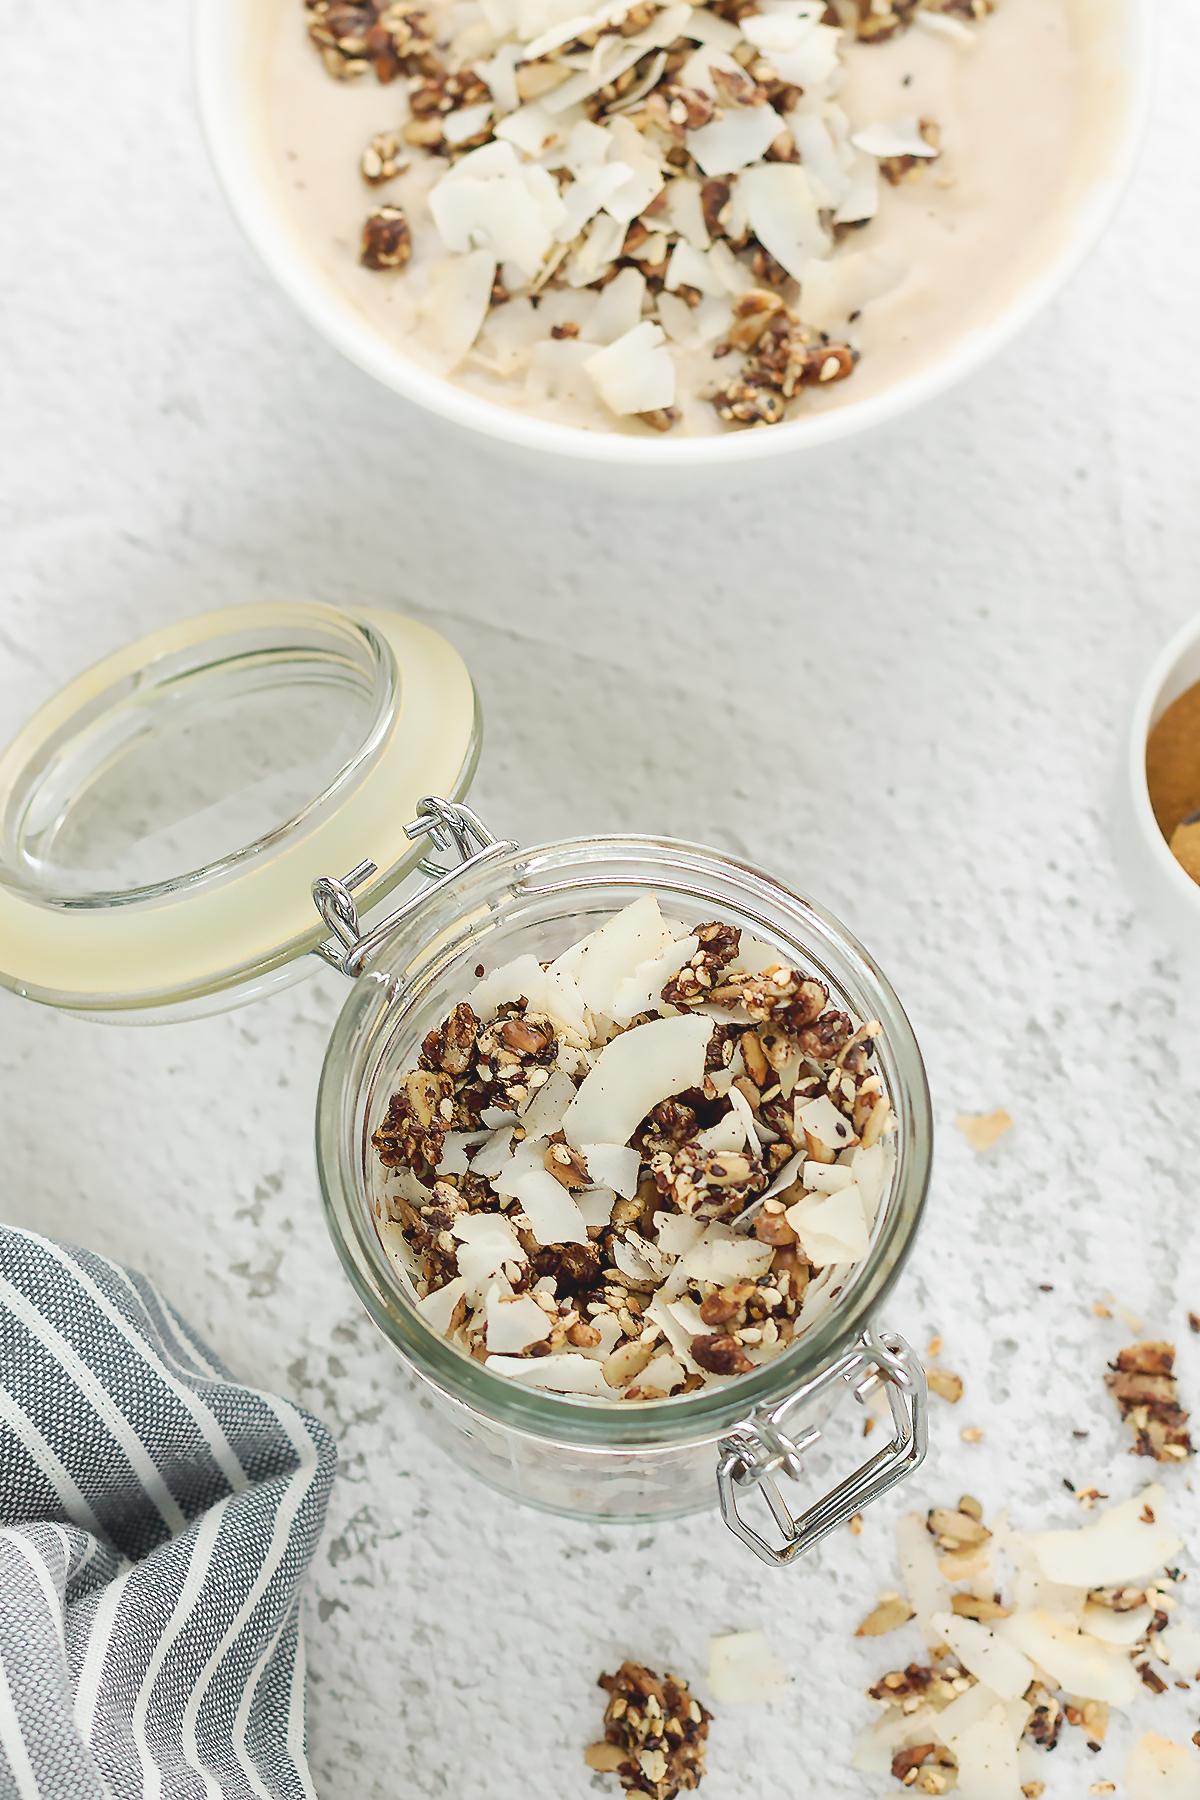 kokosowa granola dieta tłuszczowa lowcarb lchfdieta